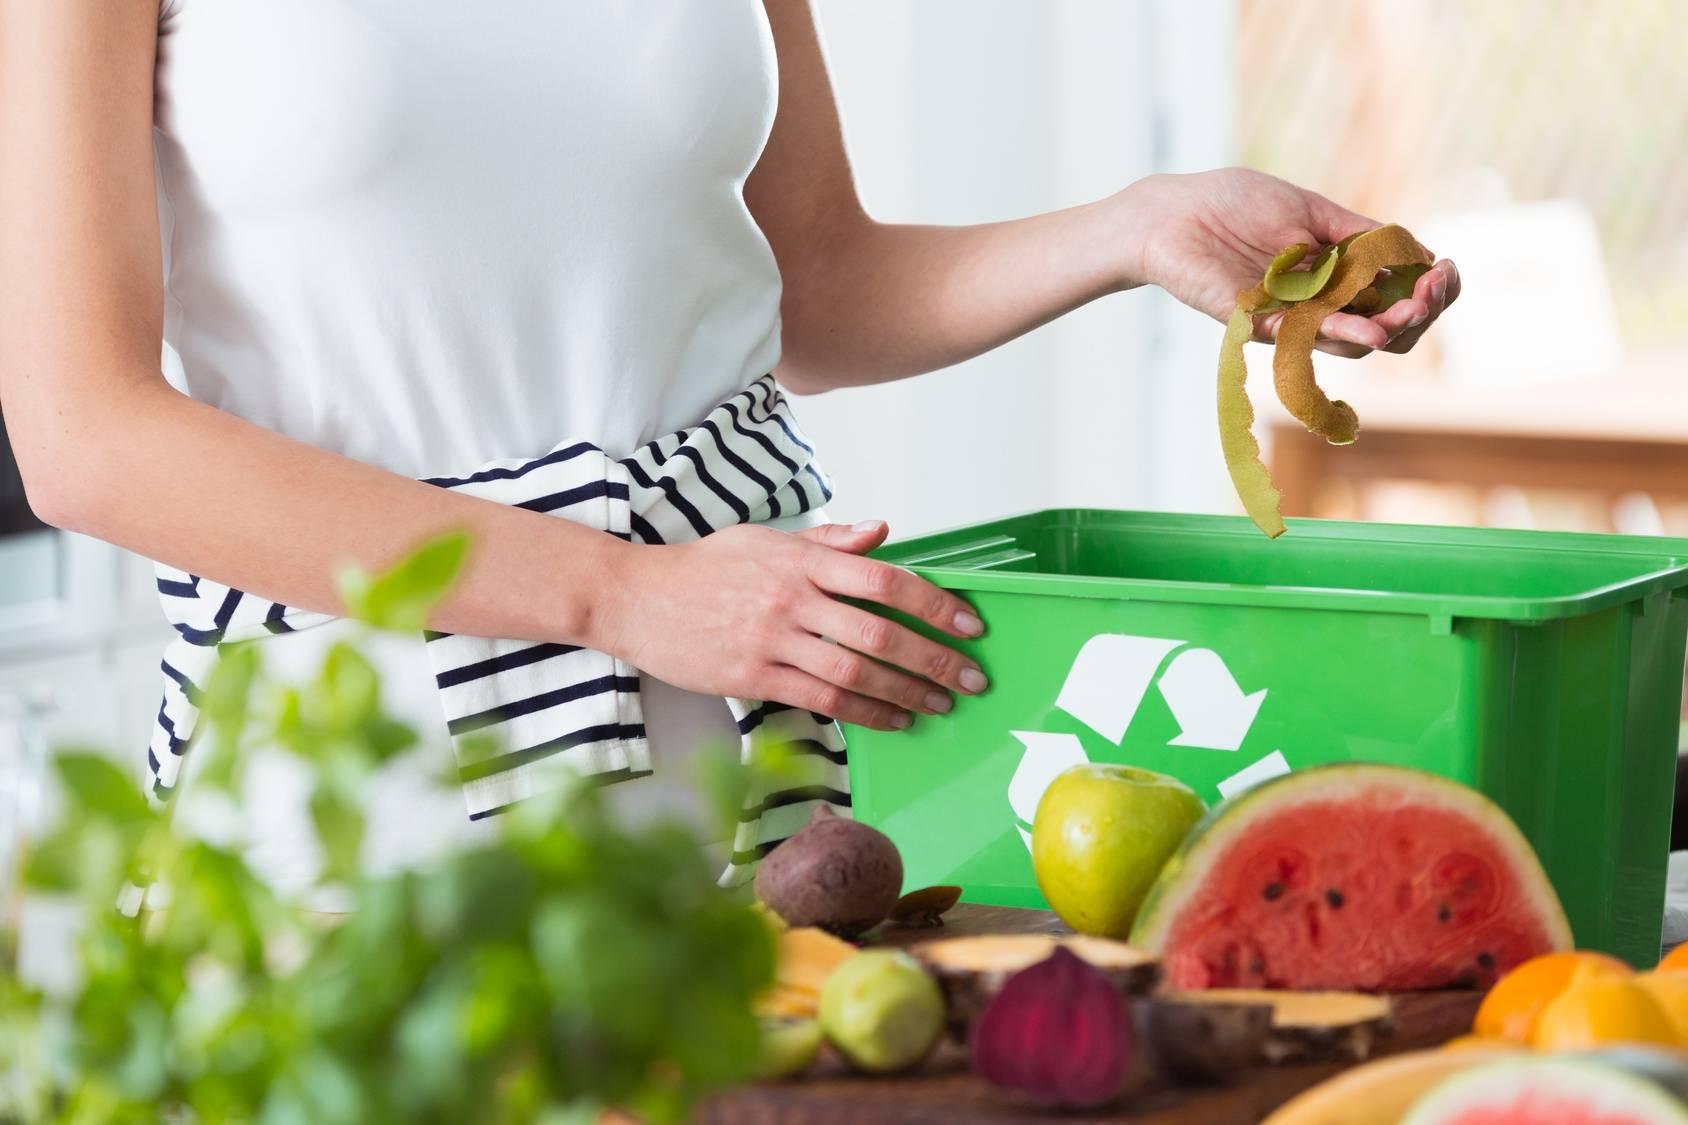 Śmieci w obiegu, czyli recykling po skandynawsku. Jakie opakowania są najlepsze do recyklingu? Jak segregować odpady i być świadomym konsumentem?